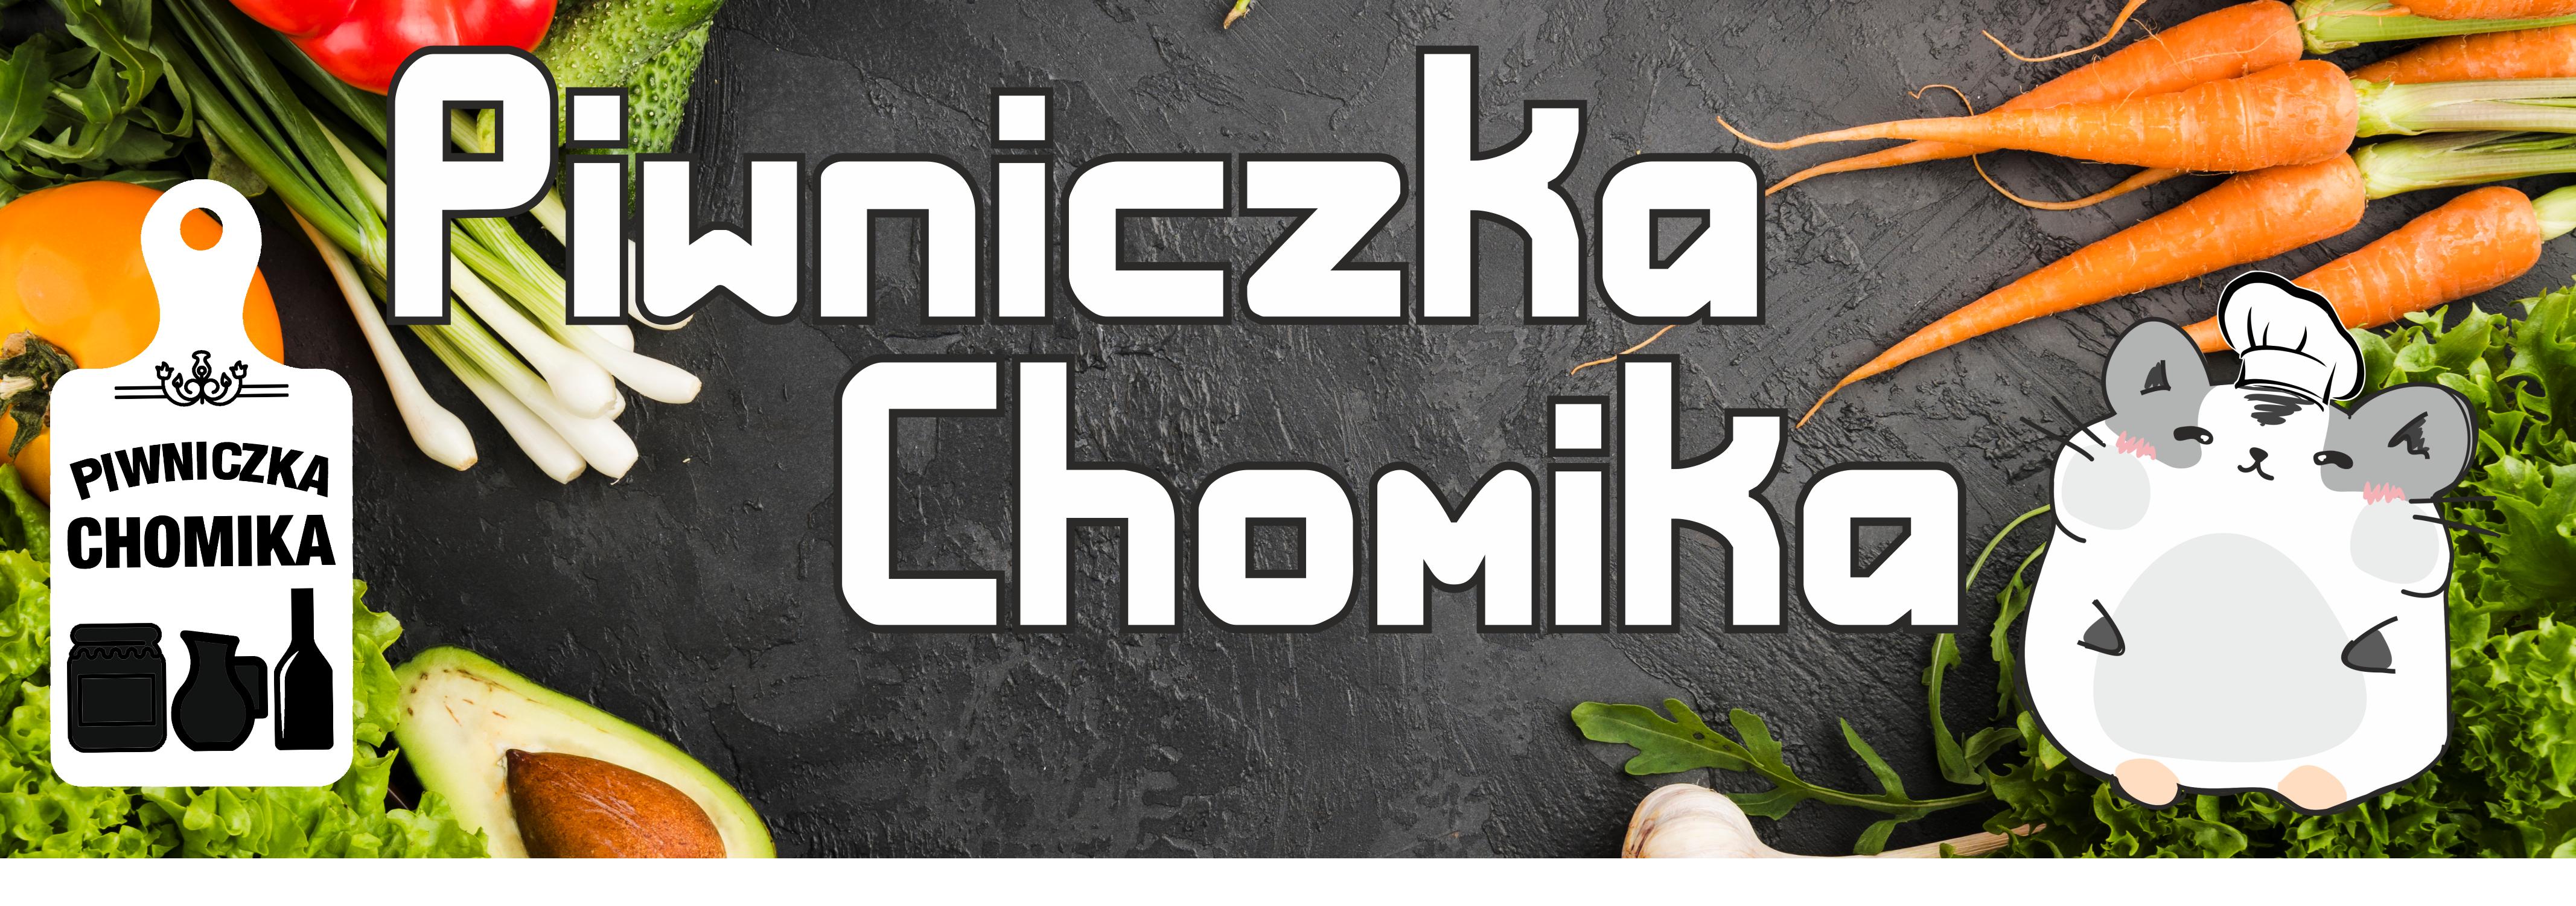 Piwniczka Chomika